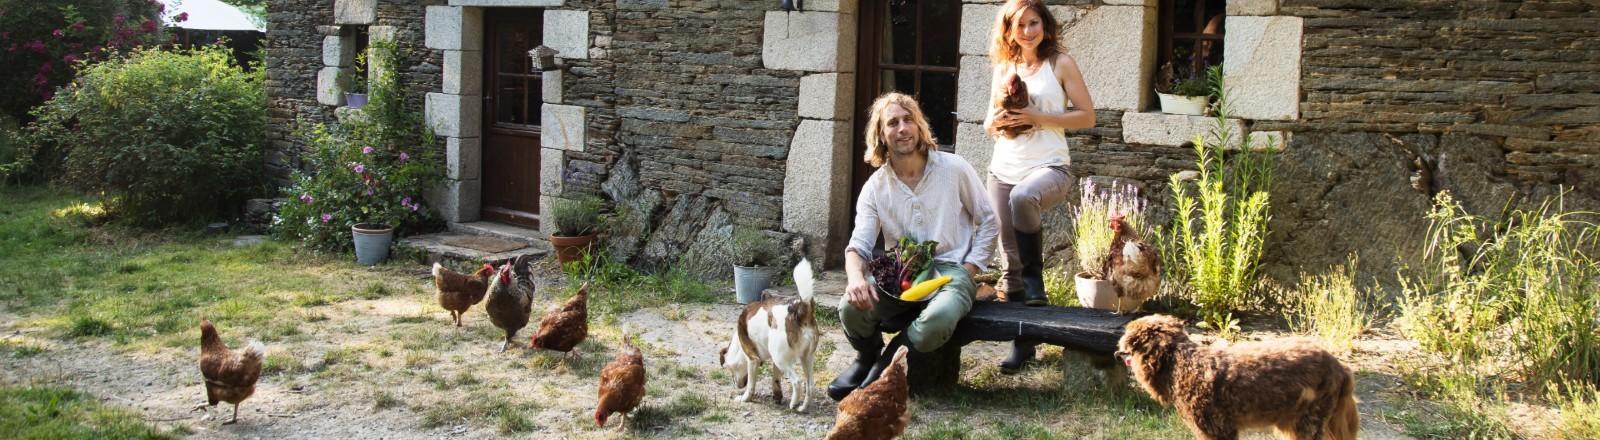 Regine Rompa und Anton vor ihrem Hof in der Bretagne